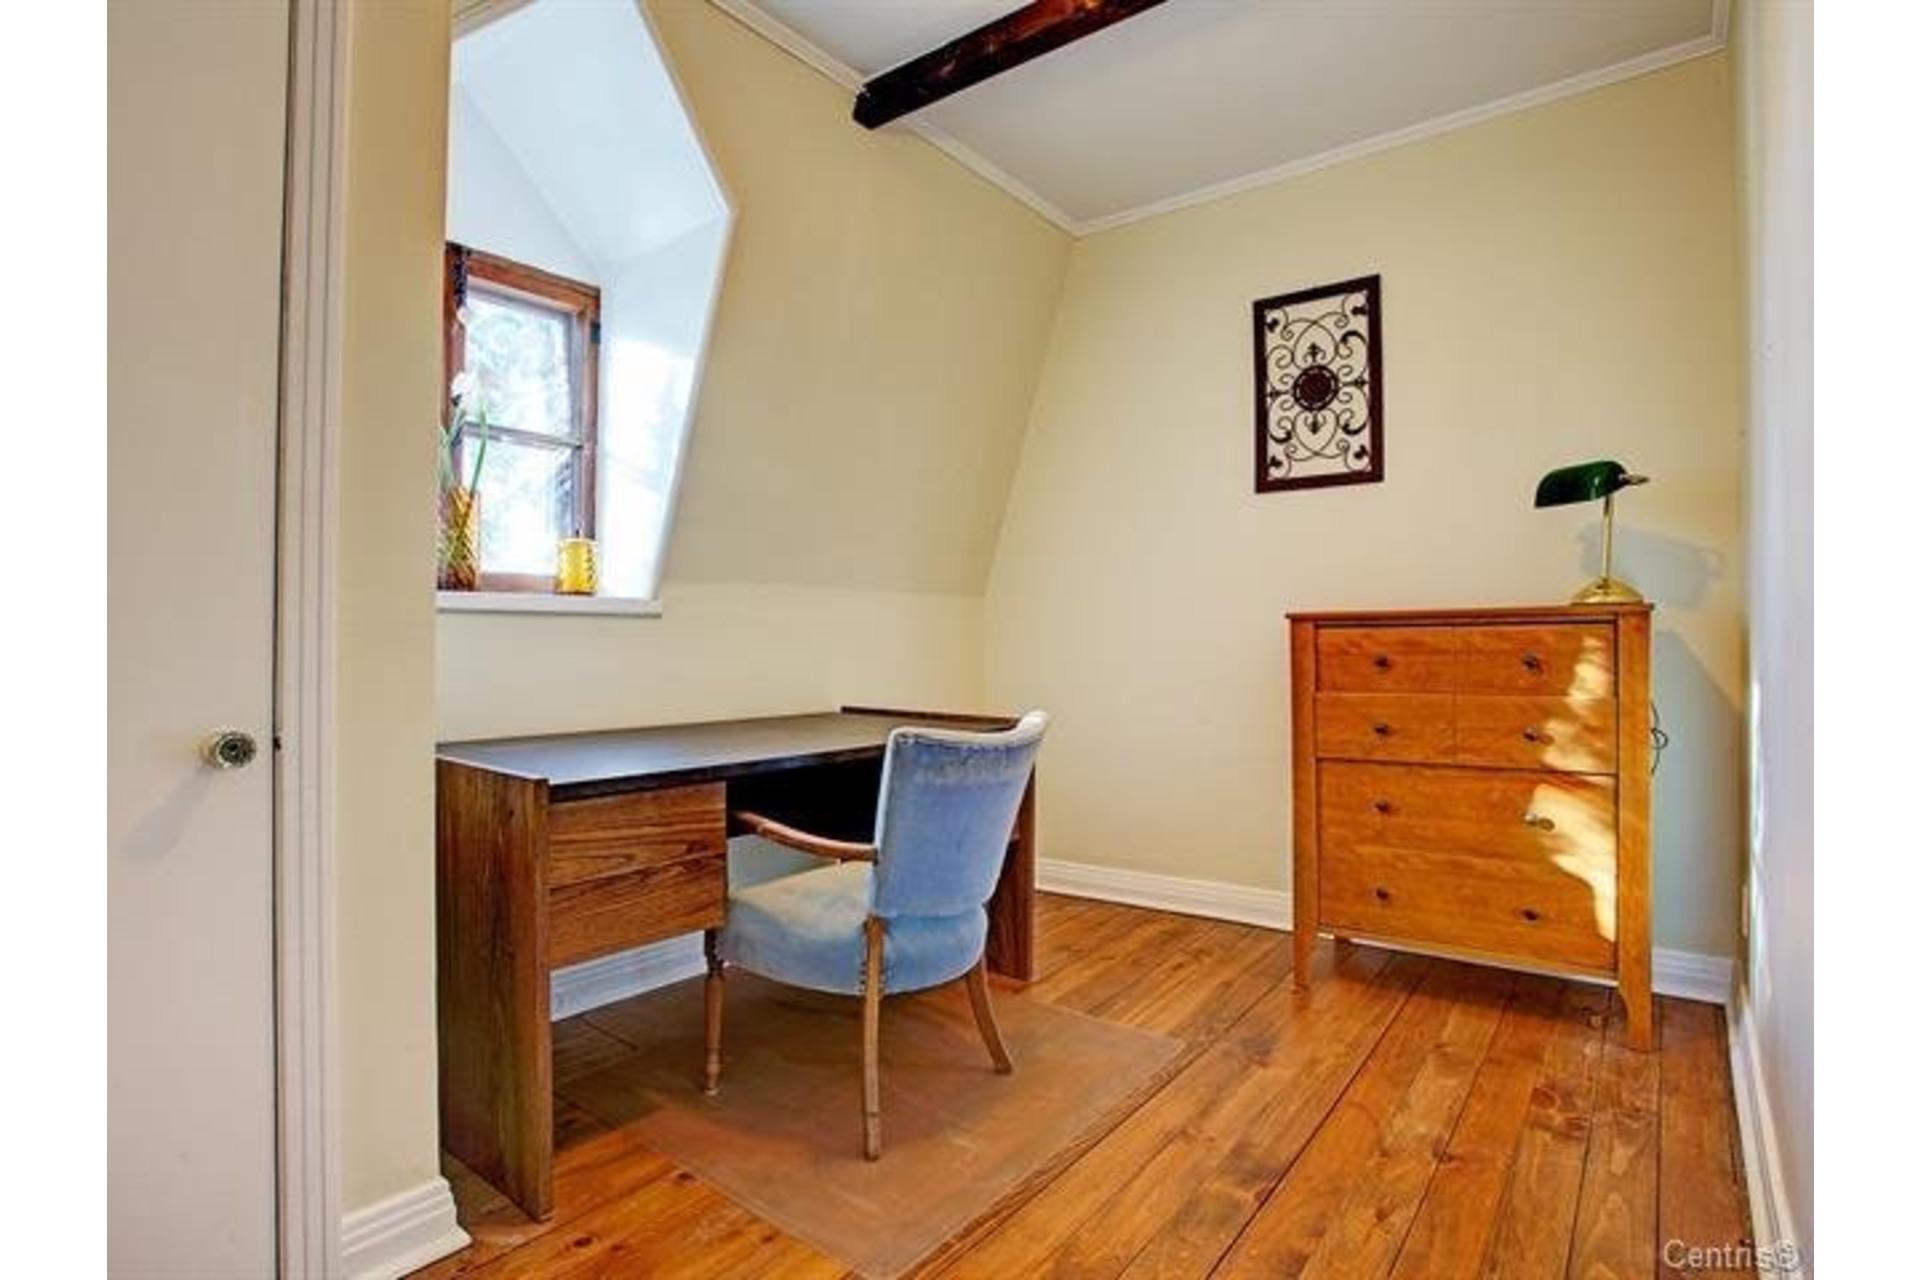 image 22 - MX - Casa sola - MX En venta Vaudreuil-Dorion - 12 habitaciones